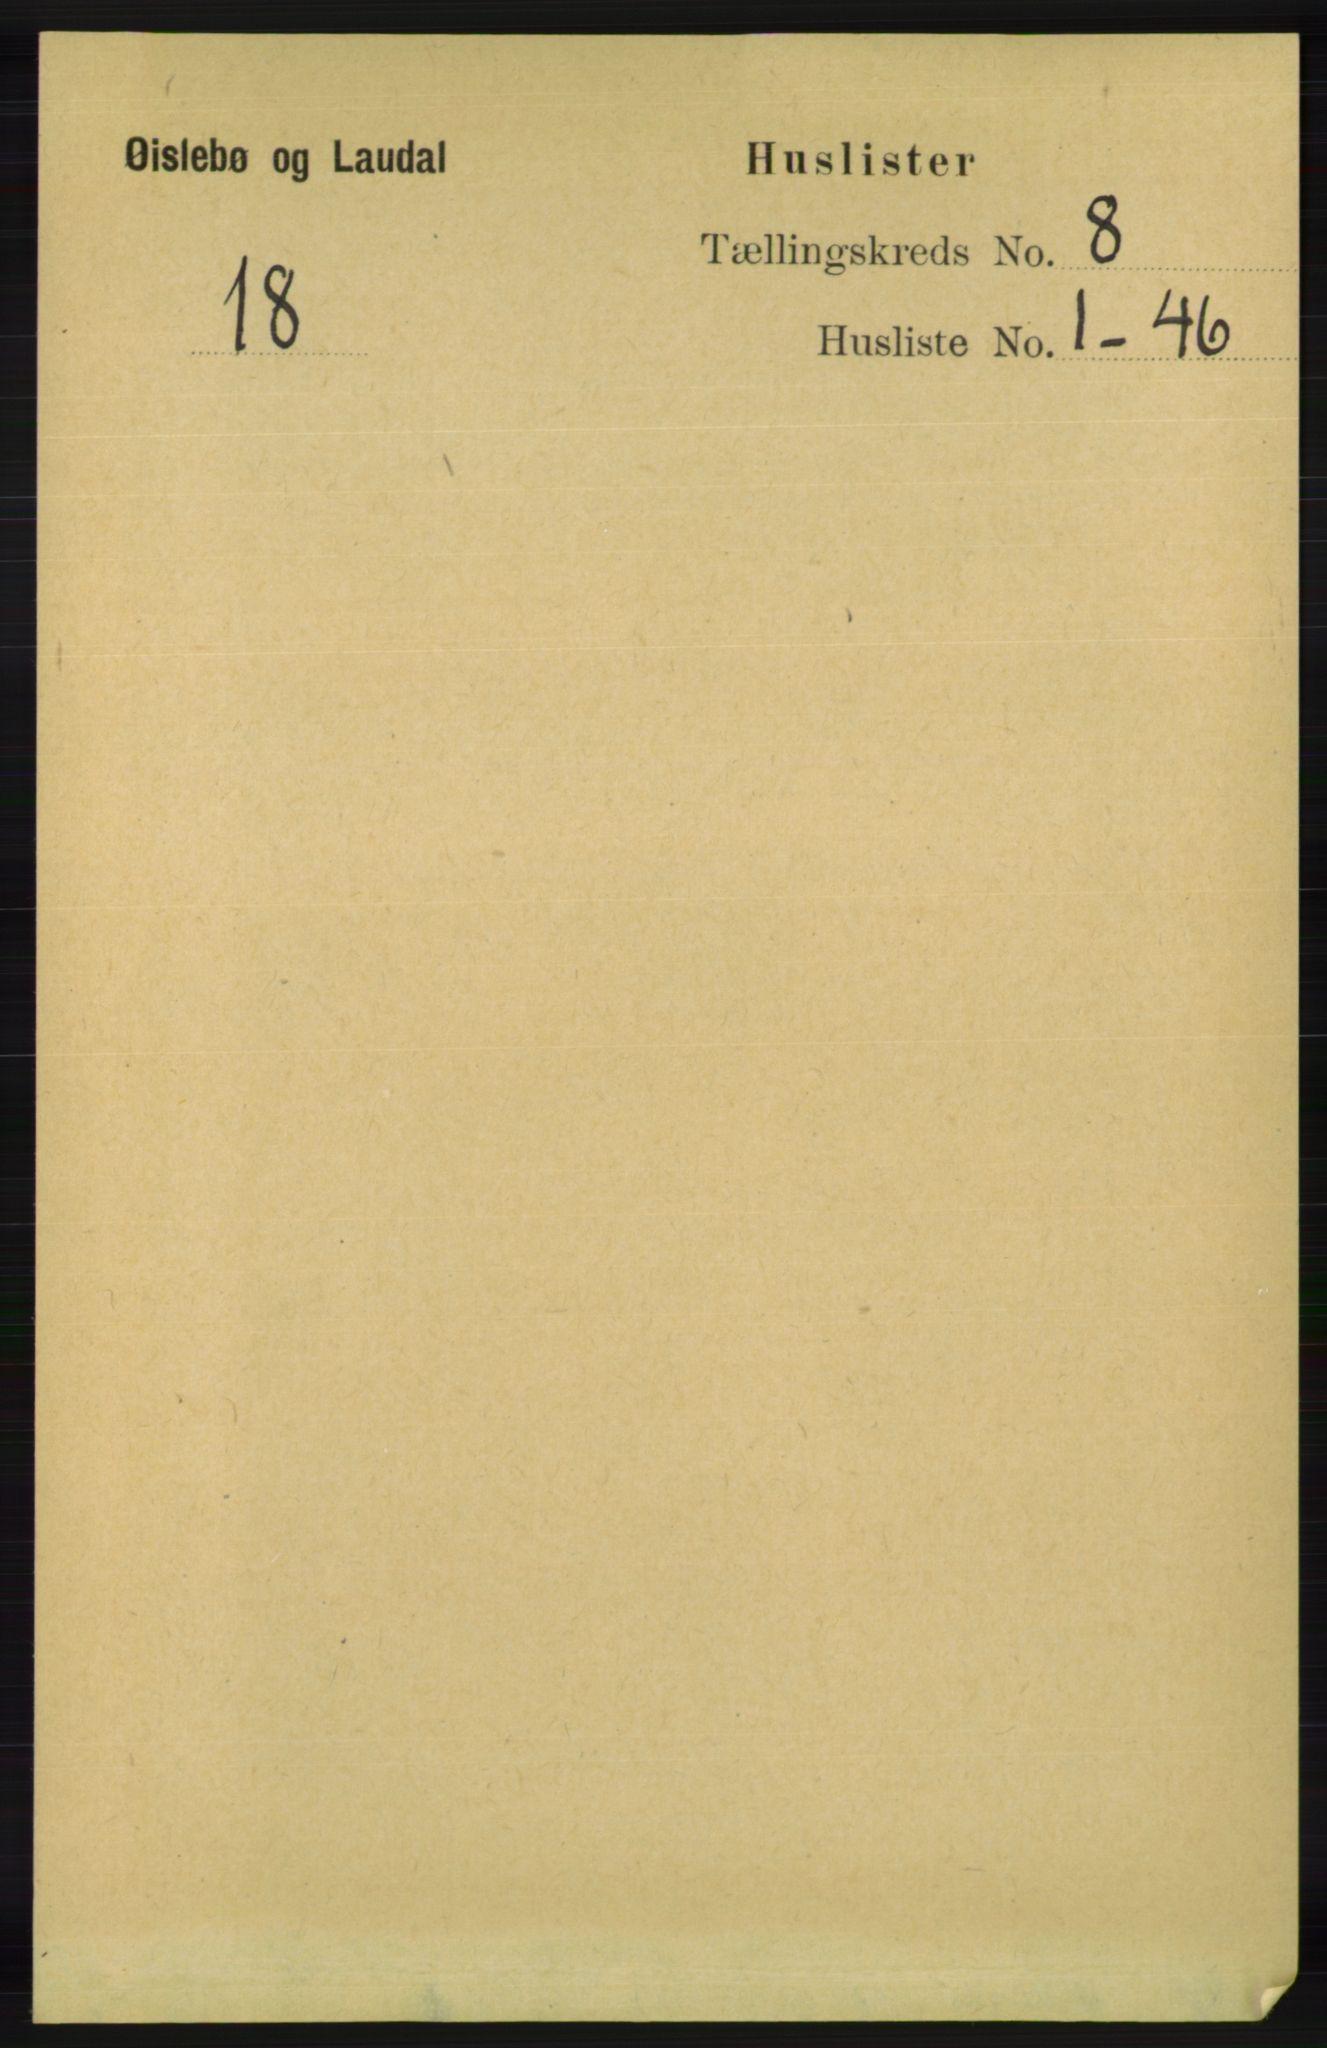 RA, Folketelling 1891 for 1021 Øyslebø og Laudal herred, 1891, s. 2054